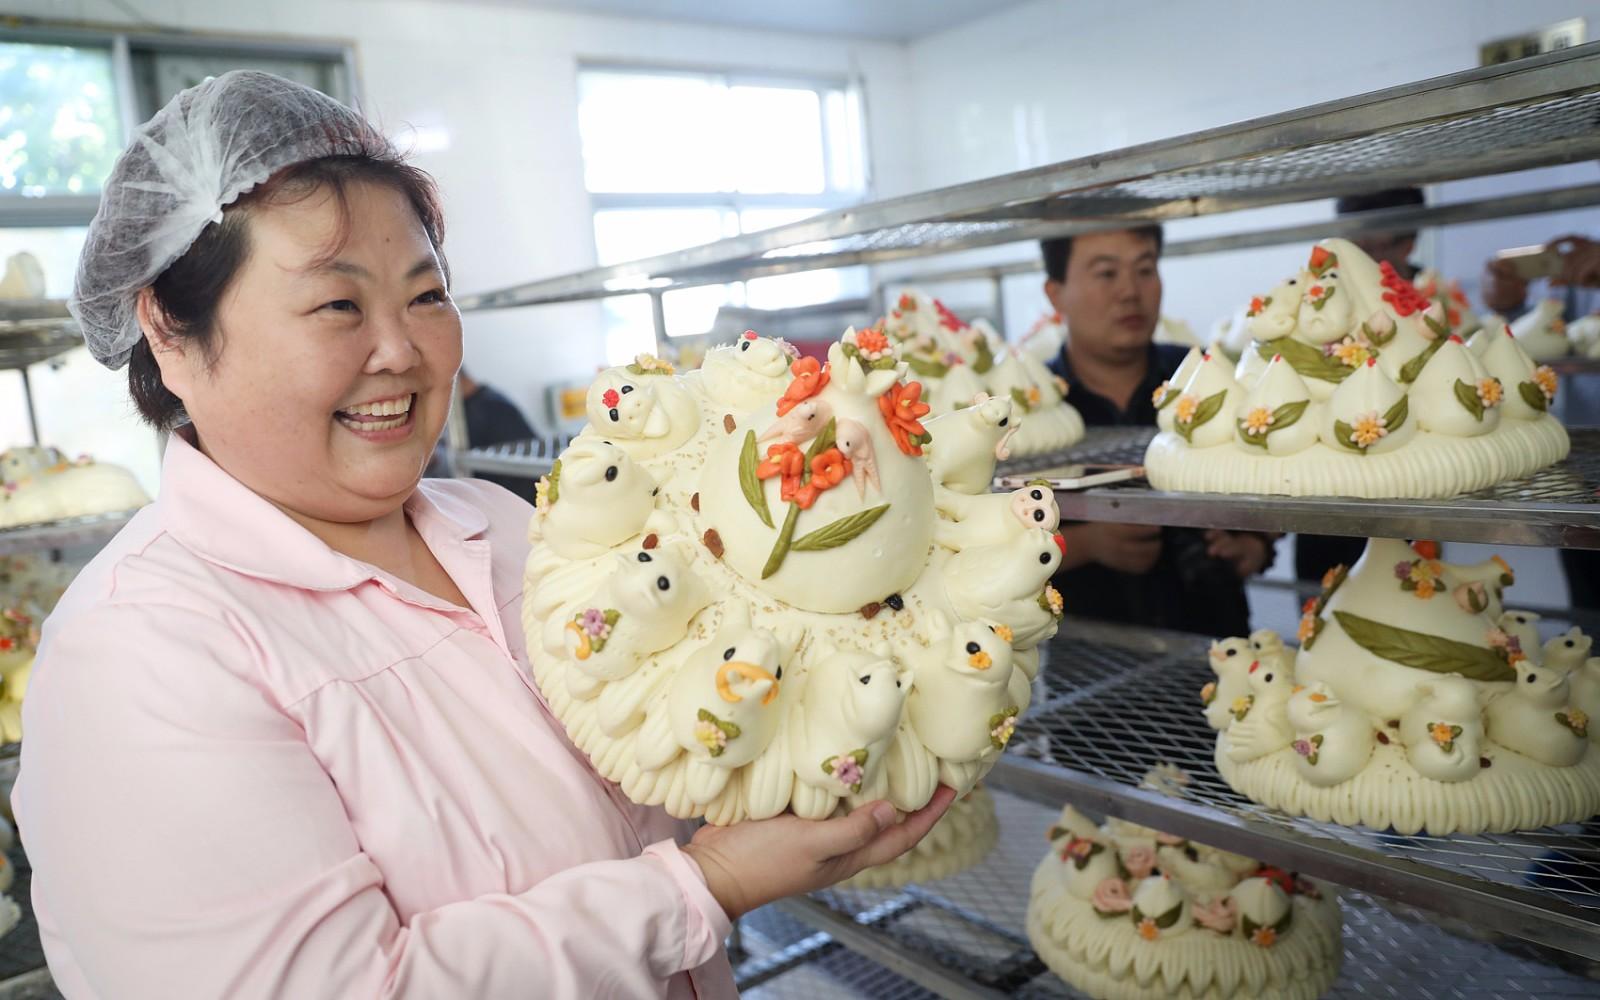 大妈卖馒头3年年销1000万元 馒头比蛋糕贵